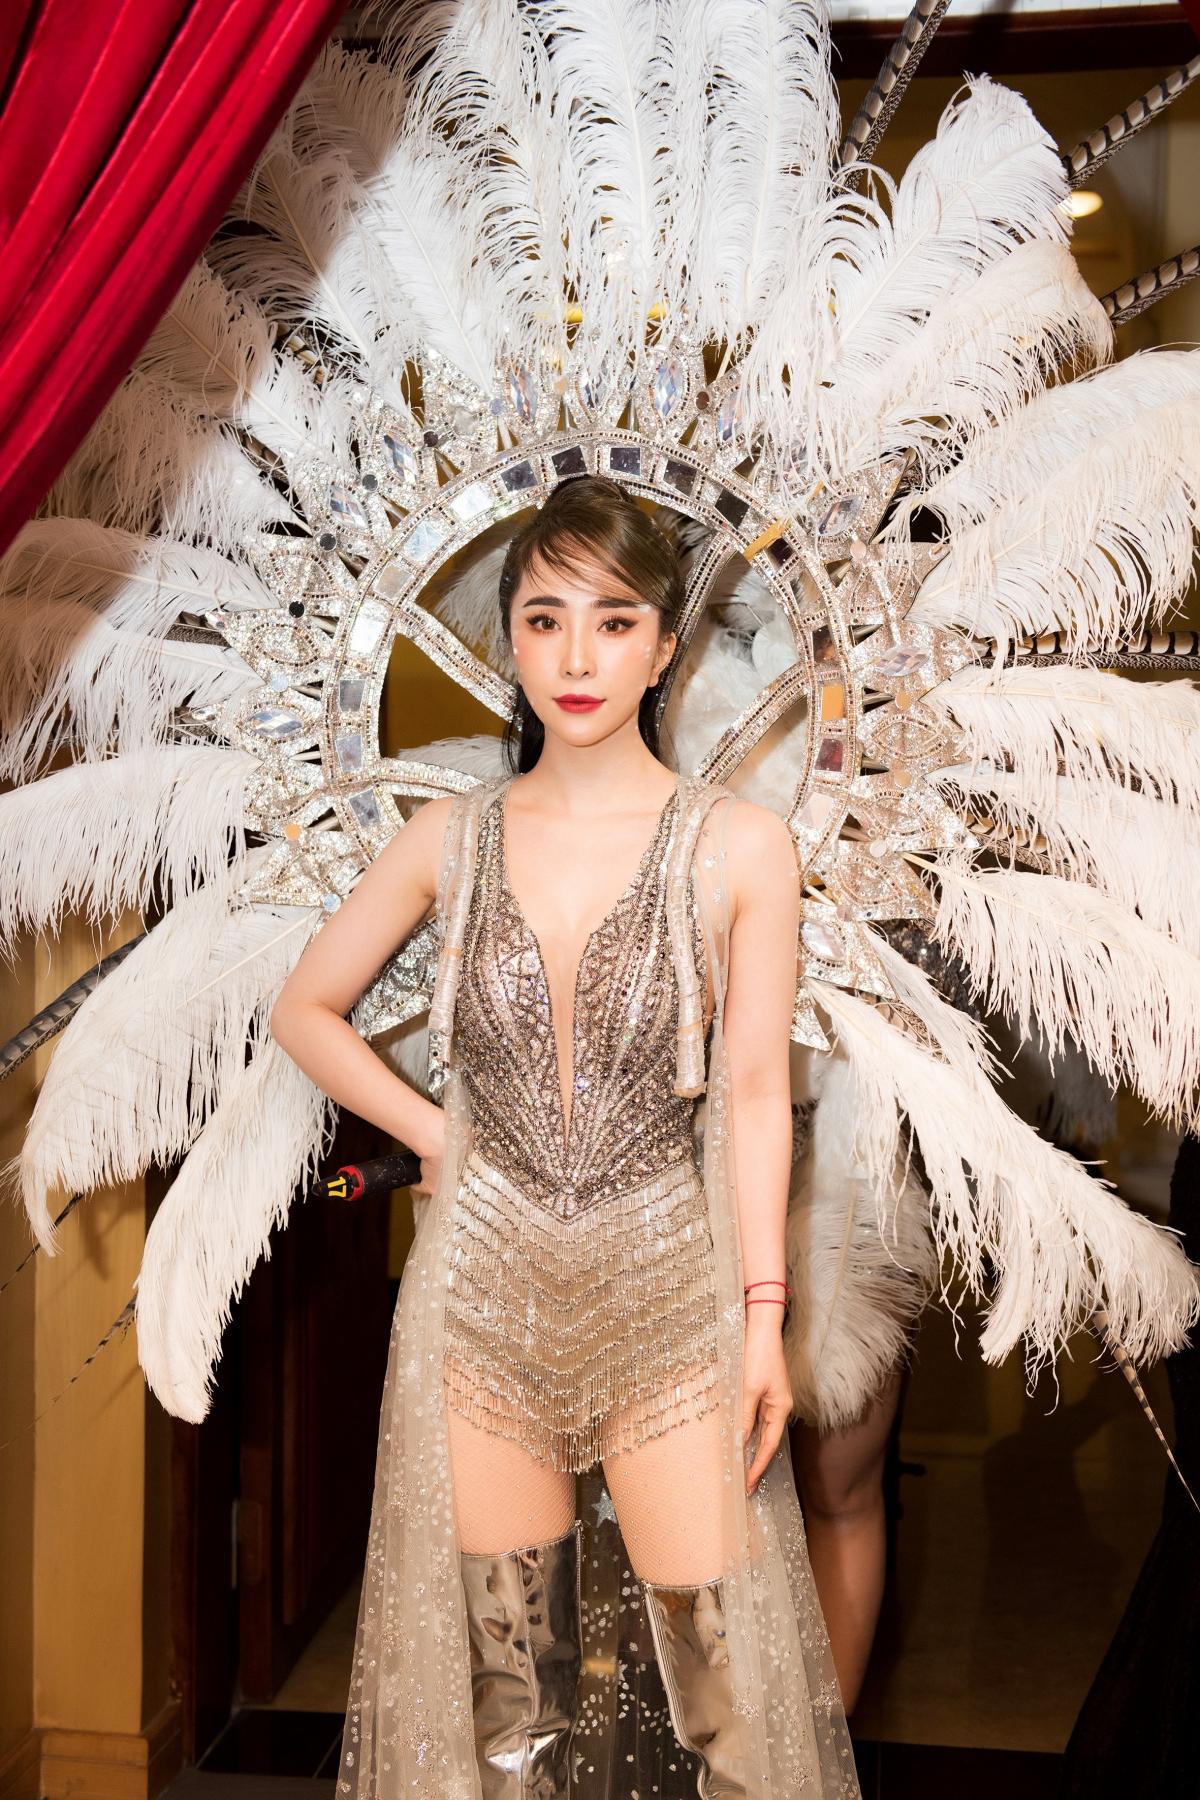 Sự xuất hiện công phu của Quỳnh Nga đã nhận được những tràng pháo tay không ngớt cùng những tiếng trầm trồ không ngừng từ khán giả.